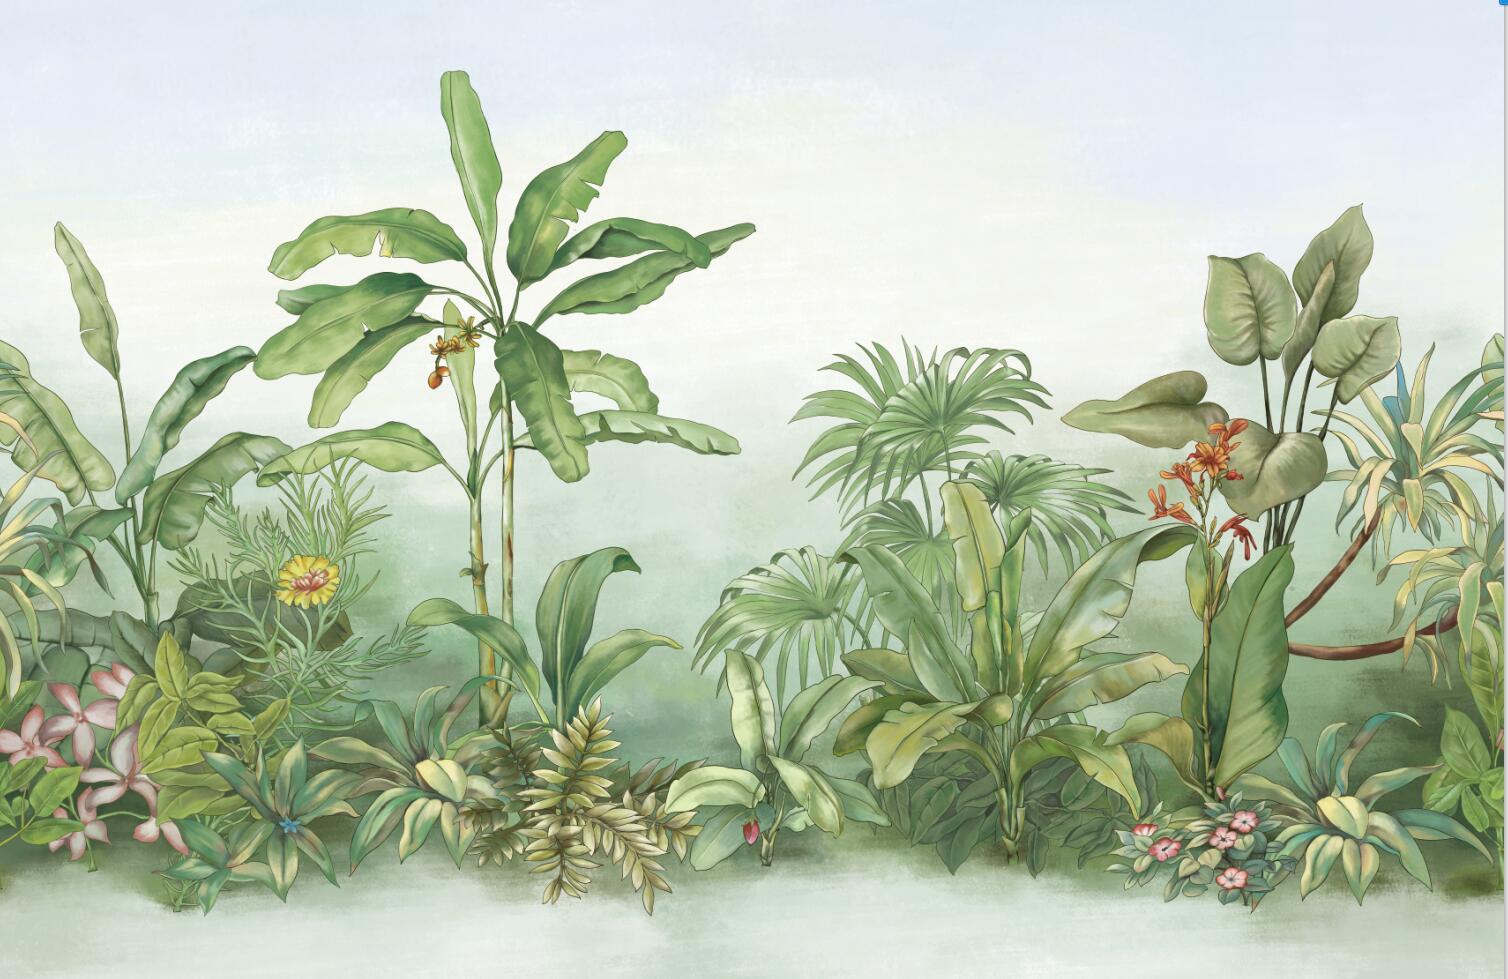 思舍手绘欧式风景图热带雨林壁纸